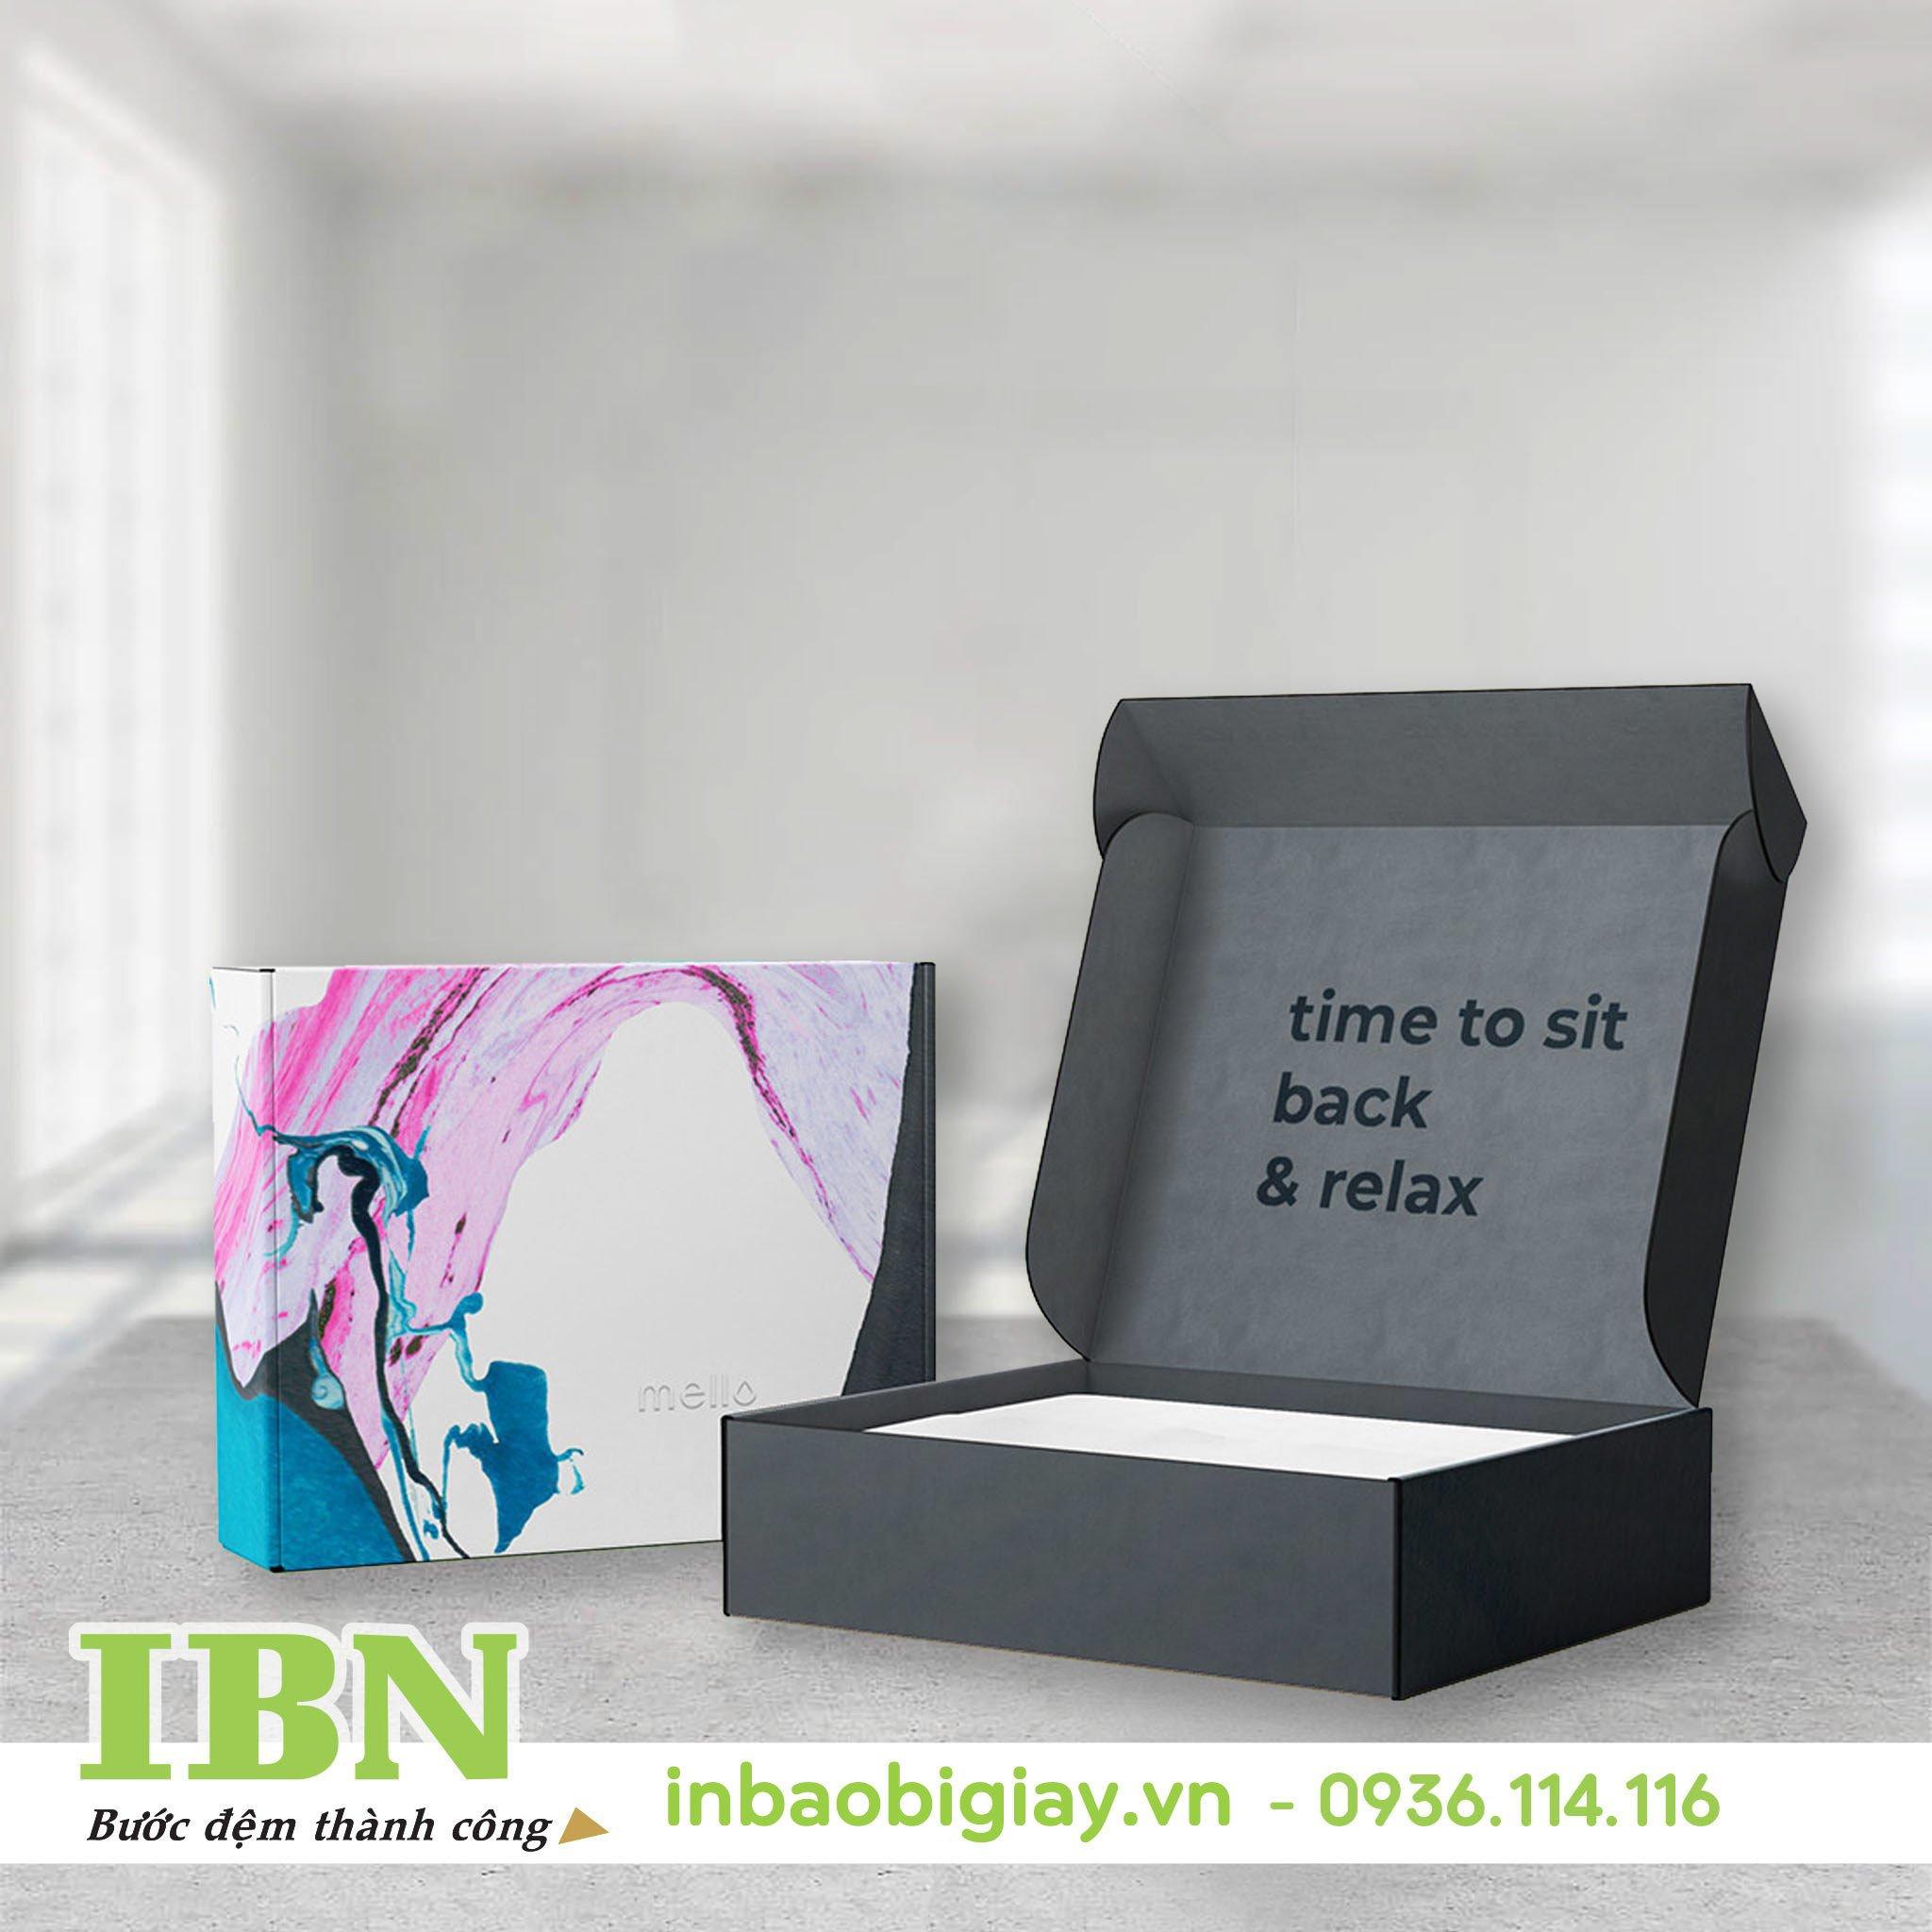 In hộp giấy đựng chuông gió – món quà ý nghĩa cho người nhận